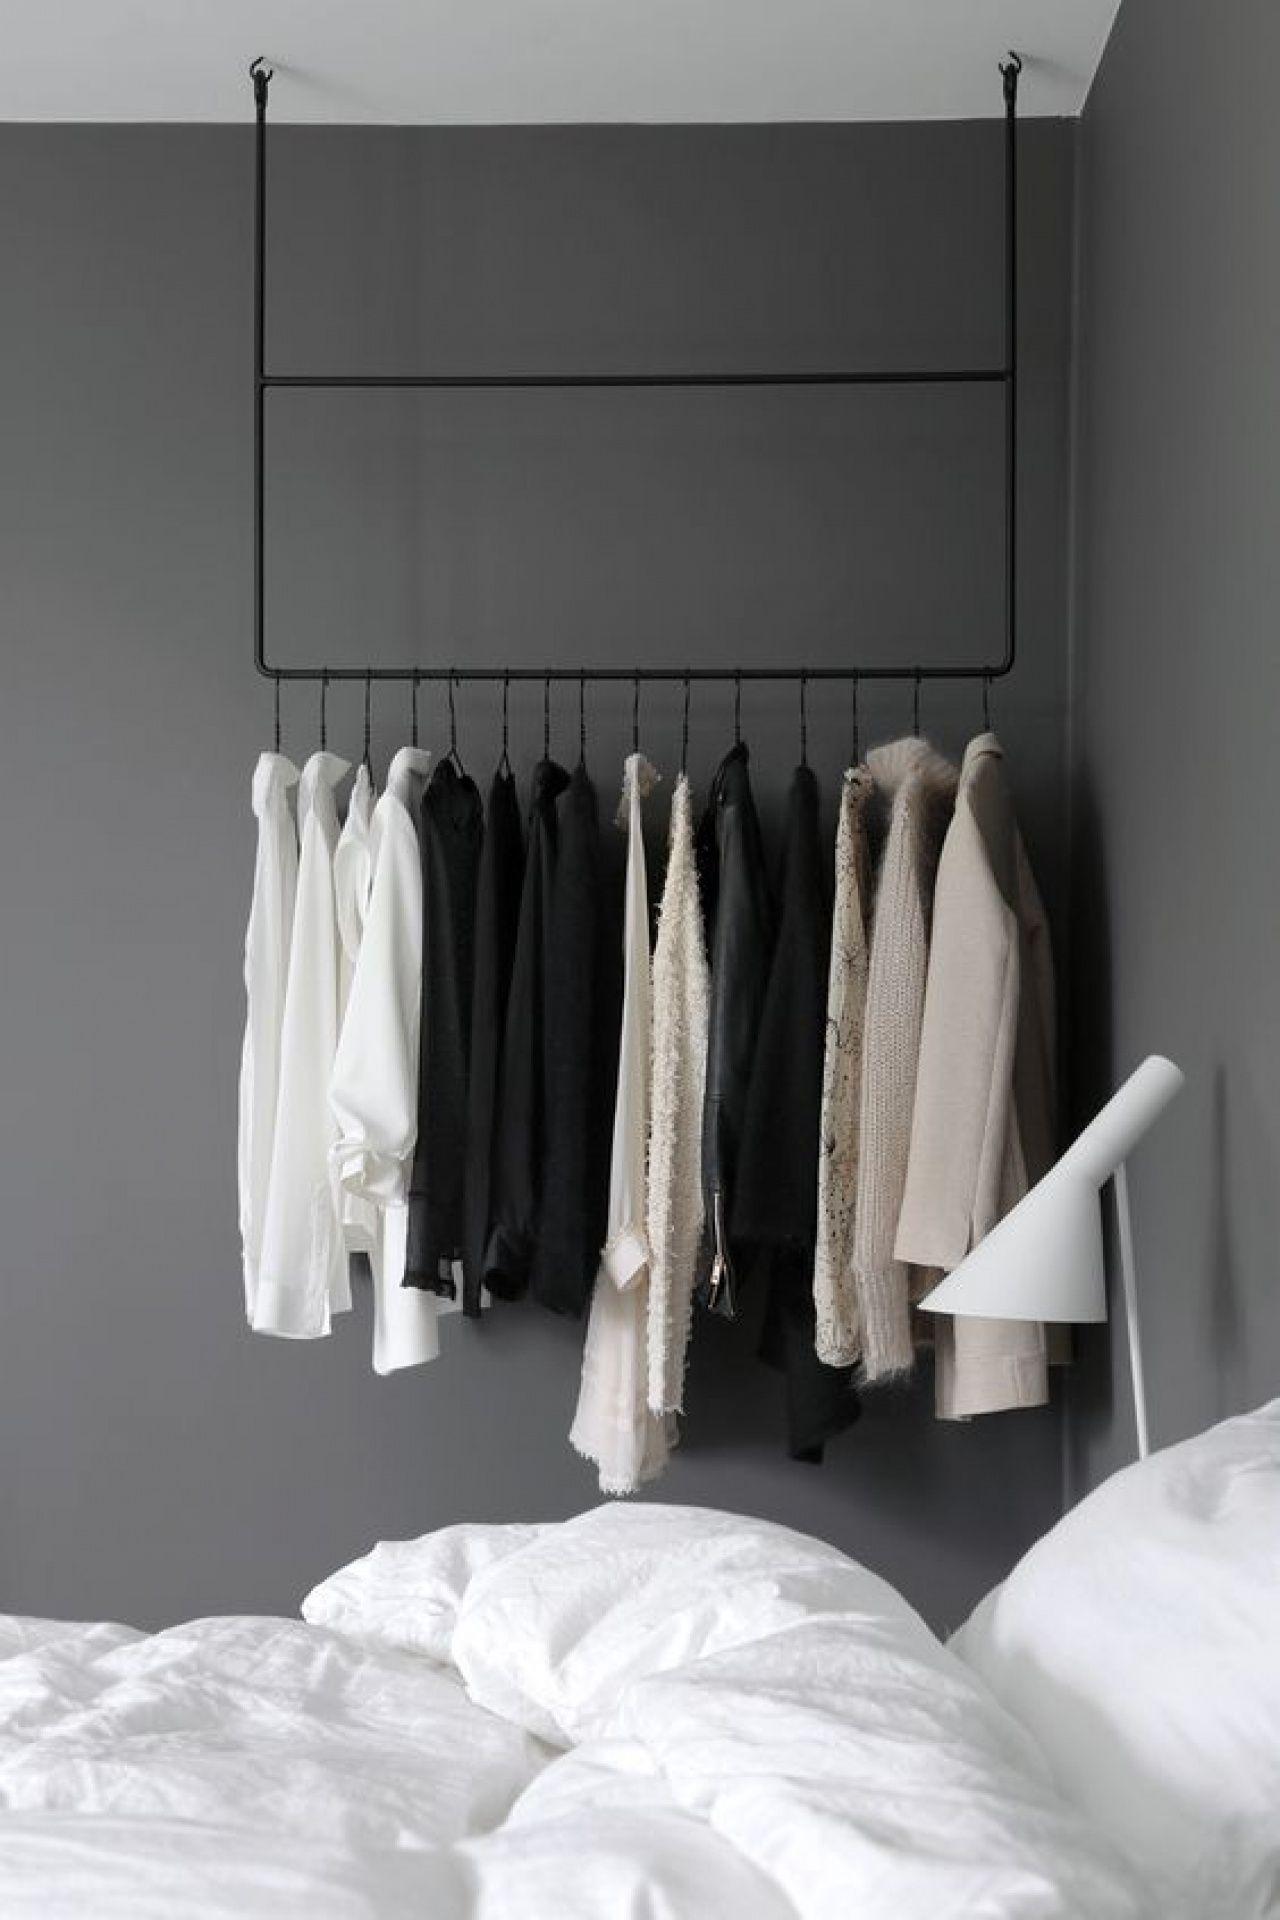 15 ideas para organizar tu cl set sin gastar una fortuna for Organizar casa minimalista